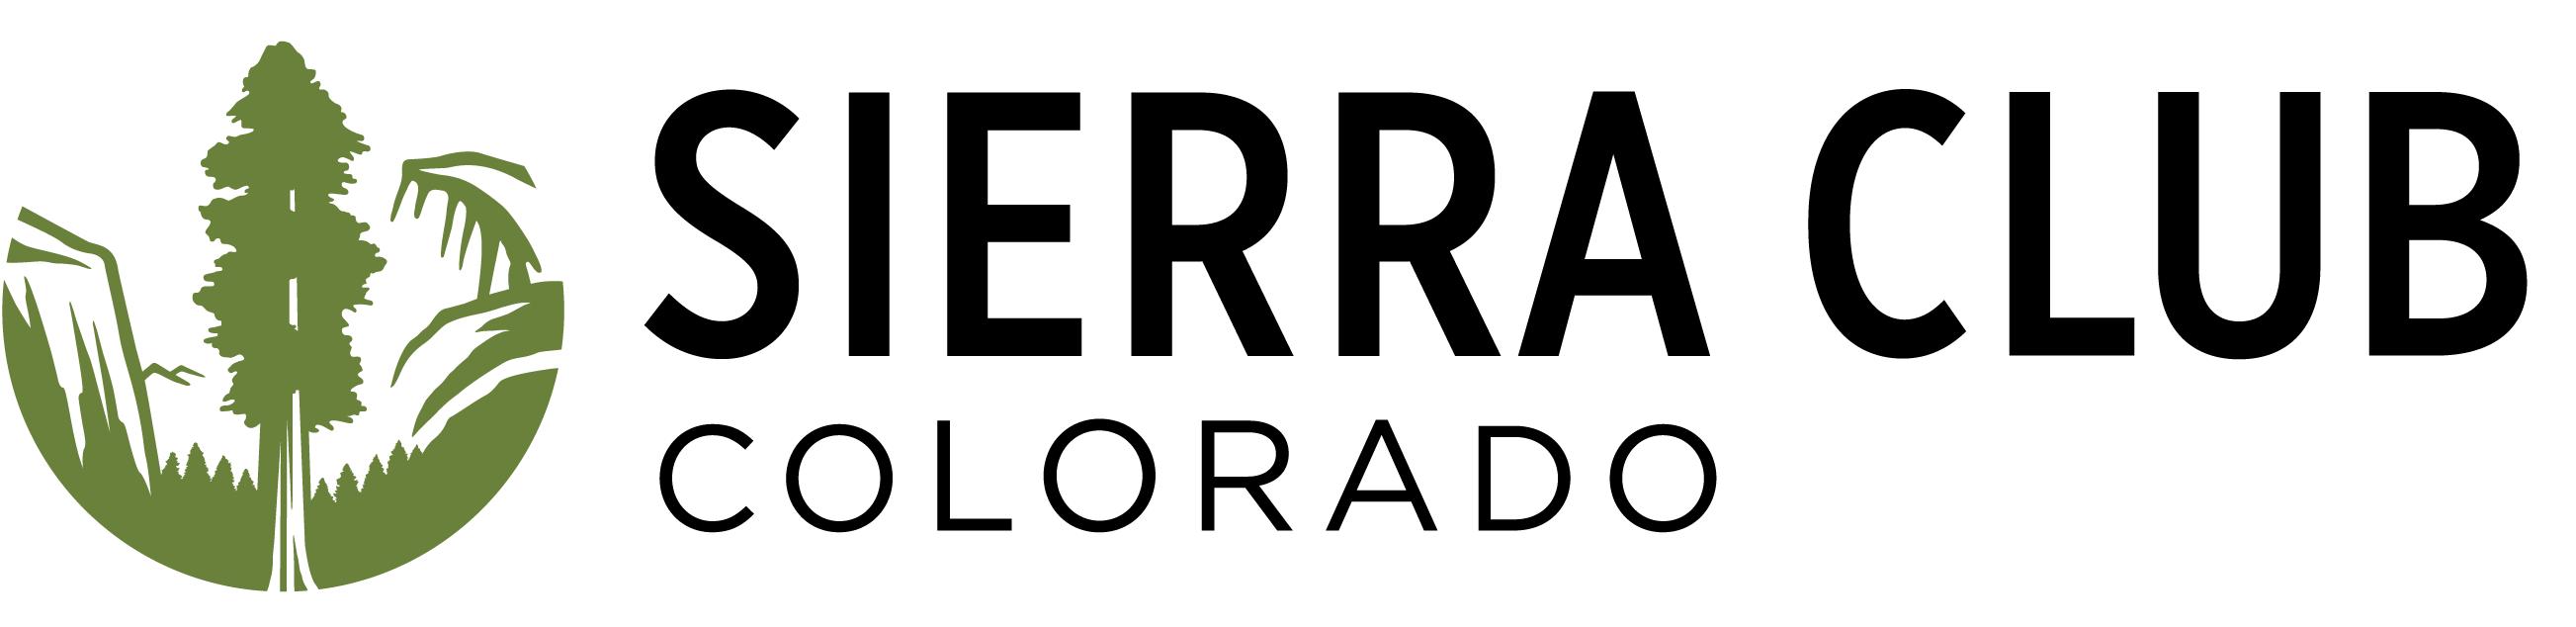 Colorado Sierra Club 2017 Year-End Summit Tickets, Wed ...